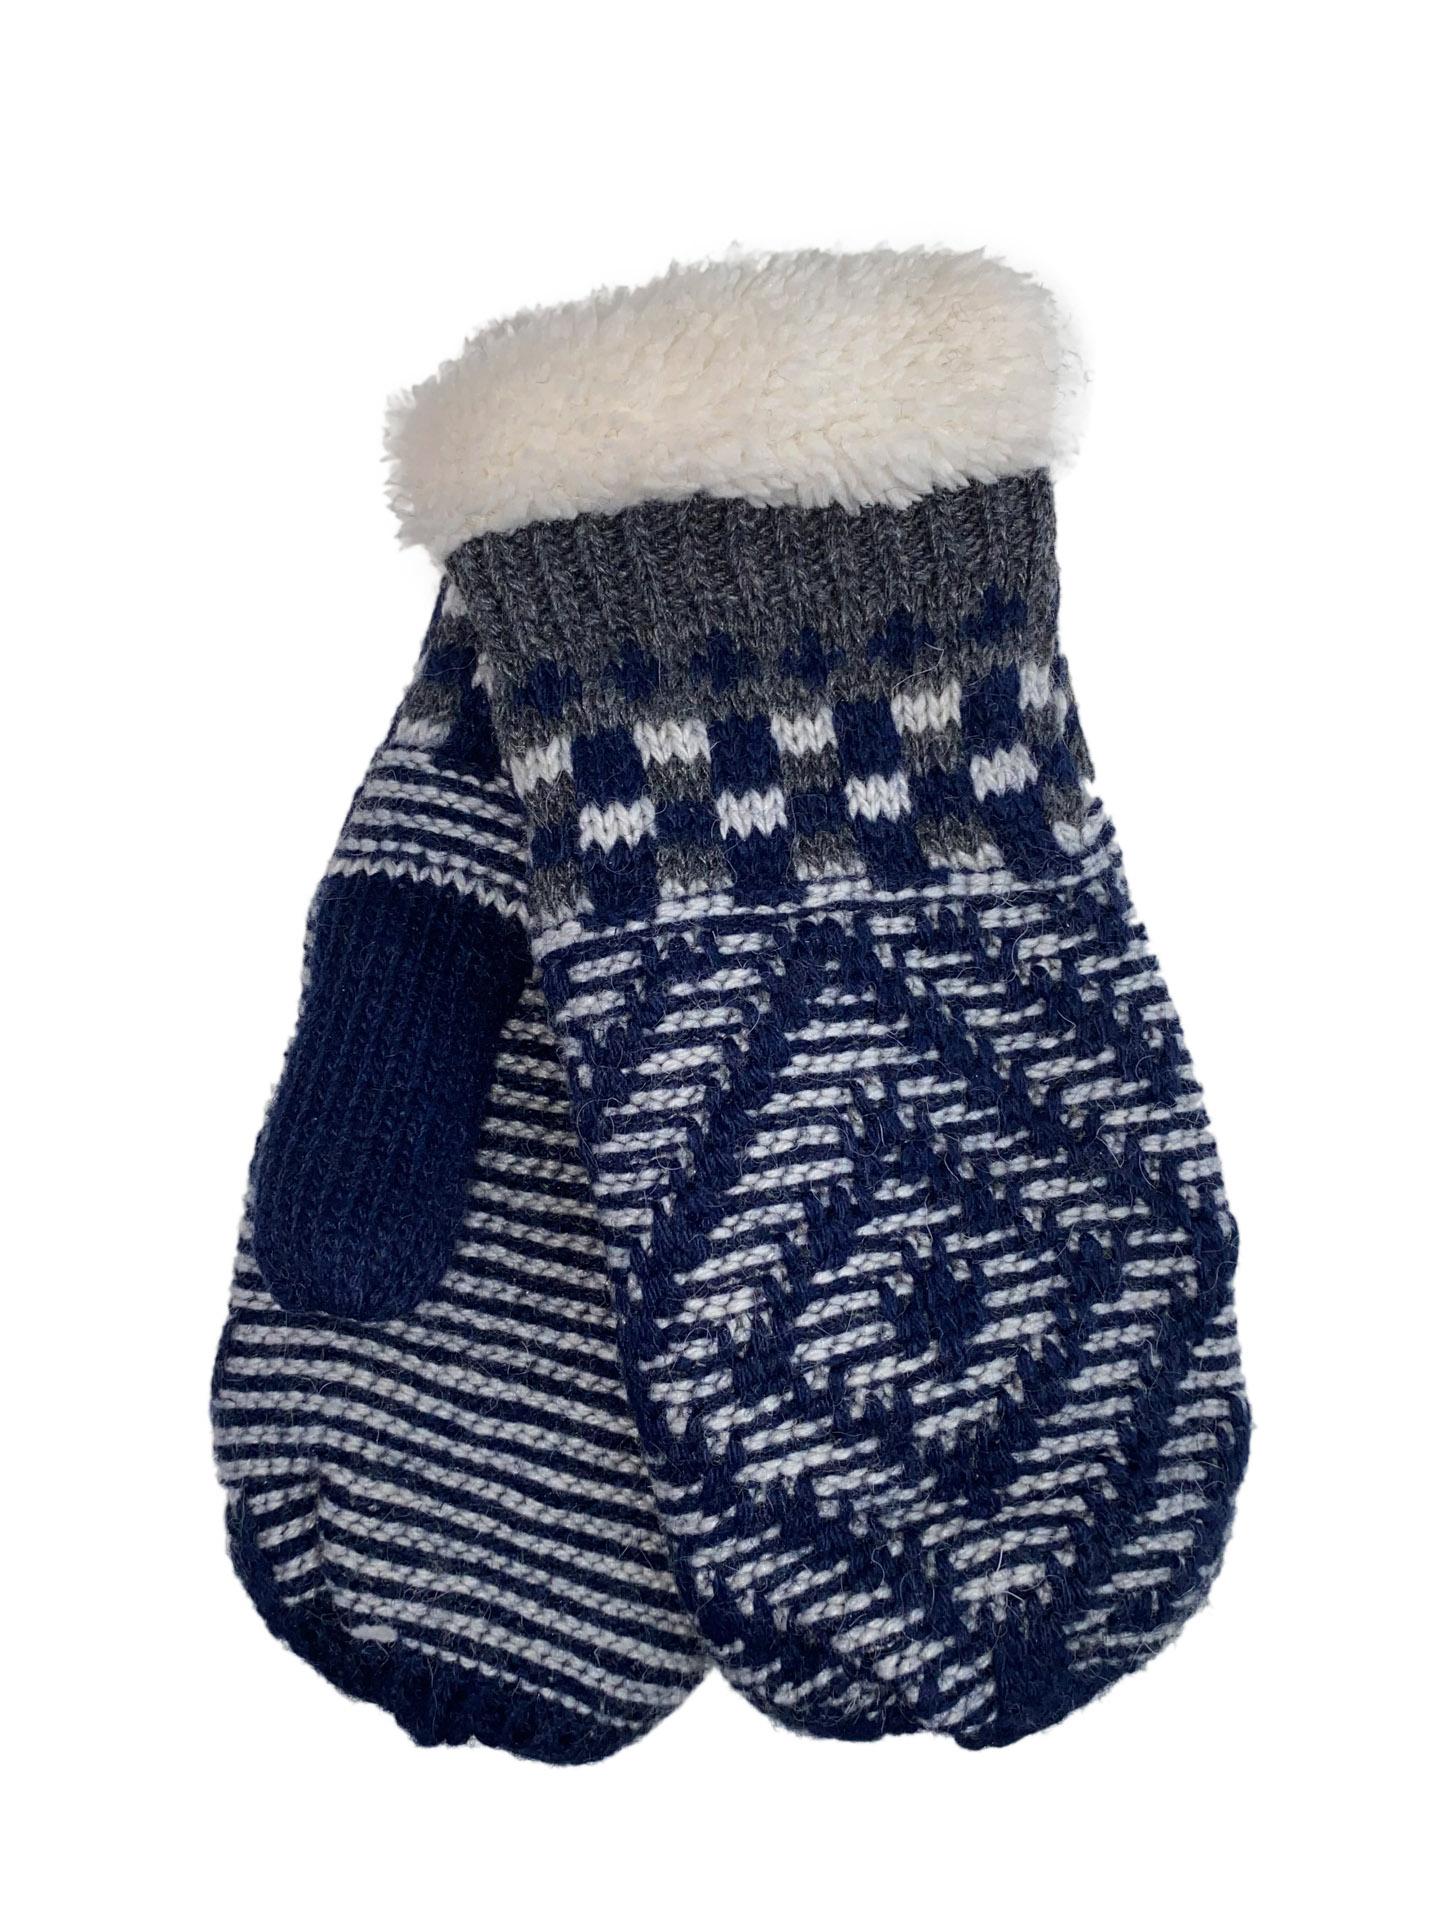 Женские тёплые варежки из шерсти и акрила с орнаментом, цвет тёмно-синий с белым и серым12345VP1220/1